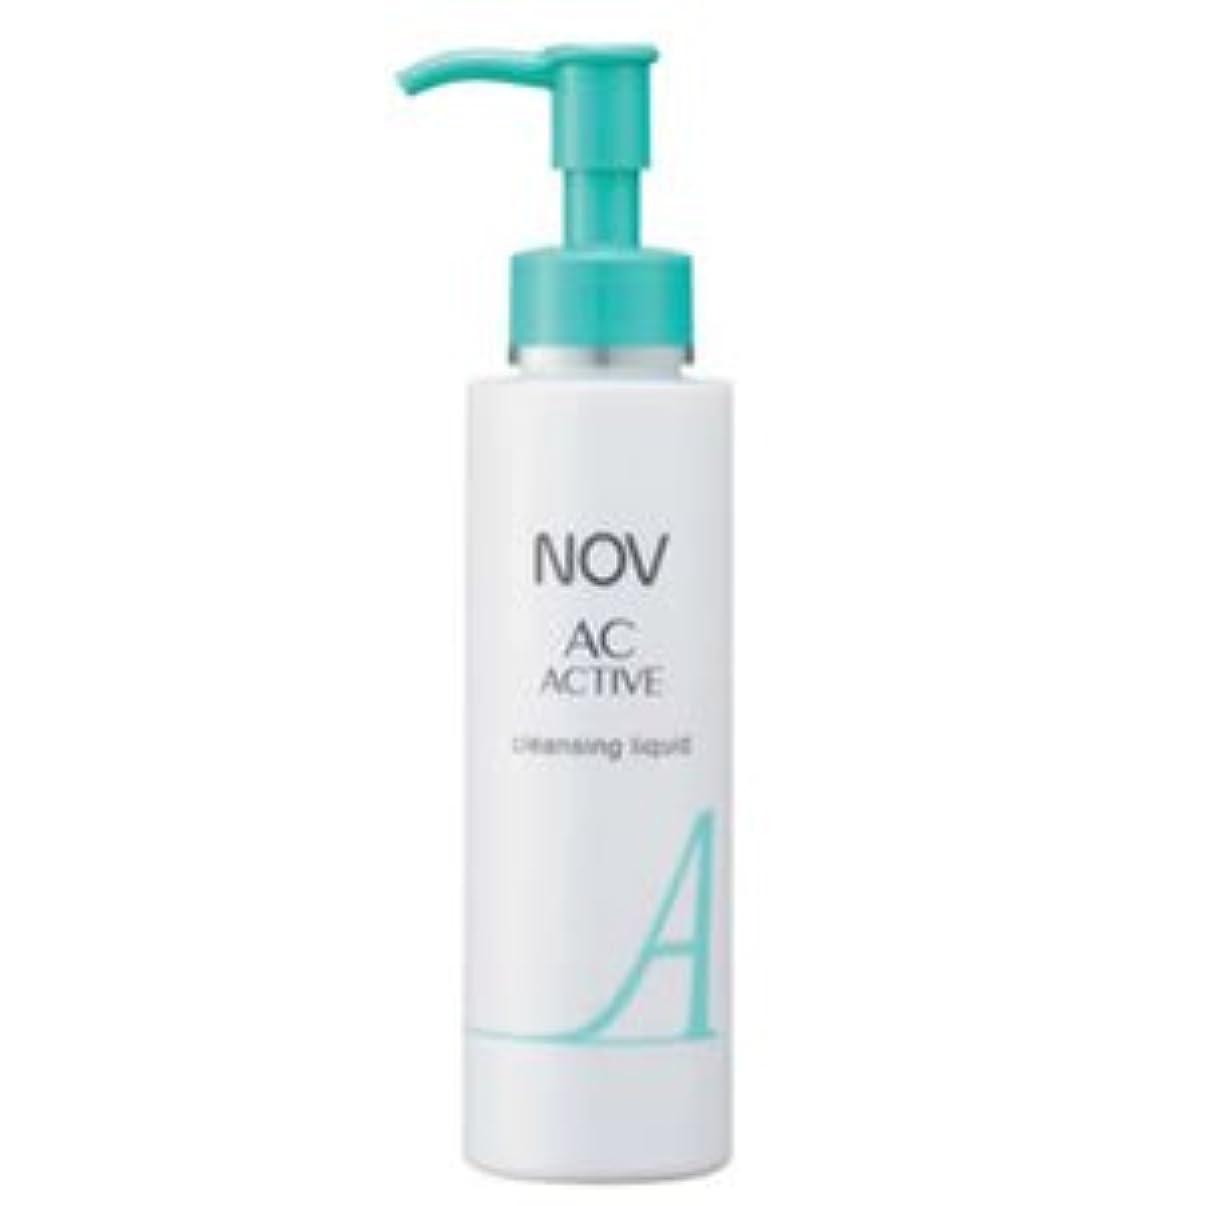 推進力阻害する広告するNOV ノブ ACアクティブ クレンジングリキッド n 120mL 医薬部外品